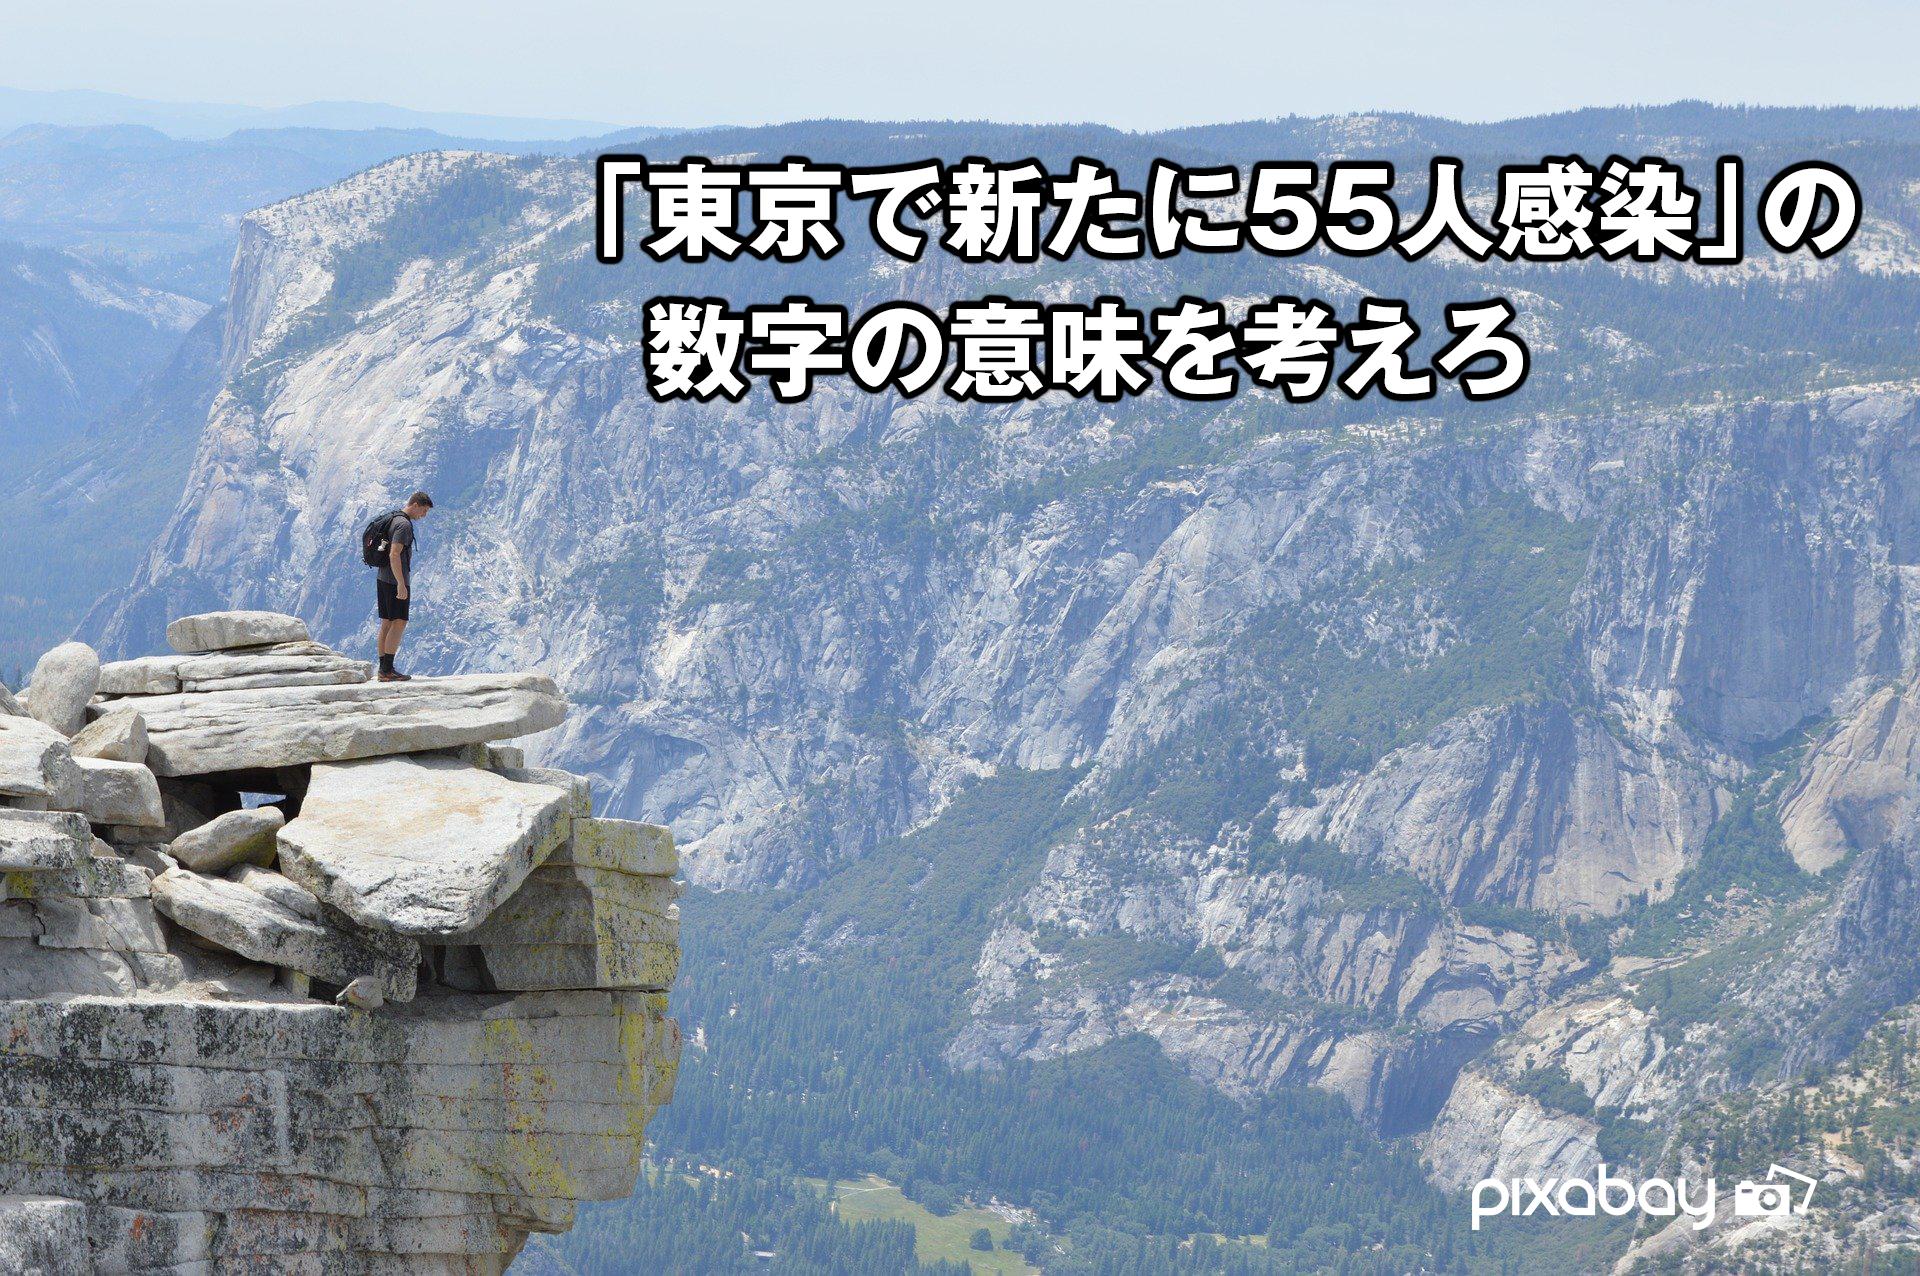 「東京で新たに55人感染」の数字の意味を考えろ